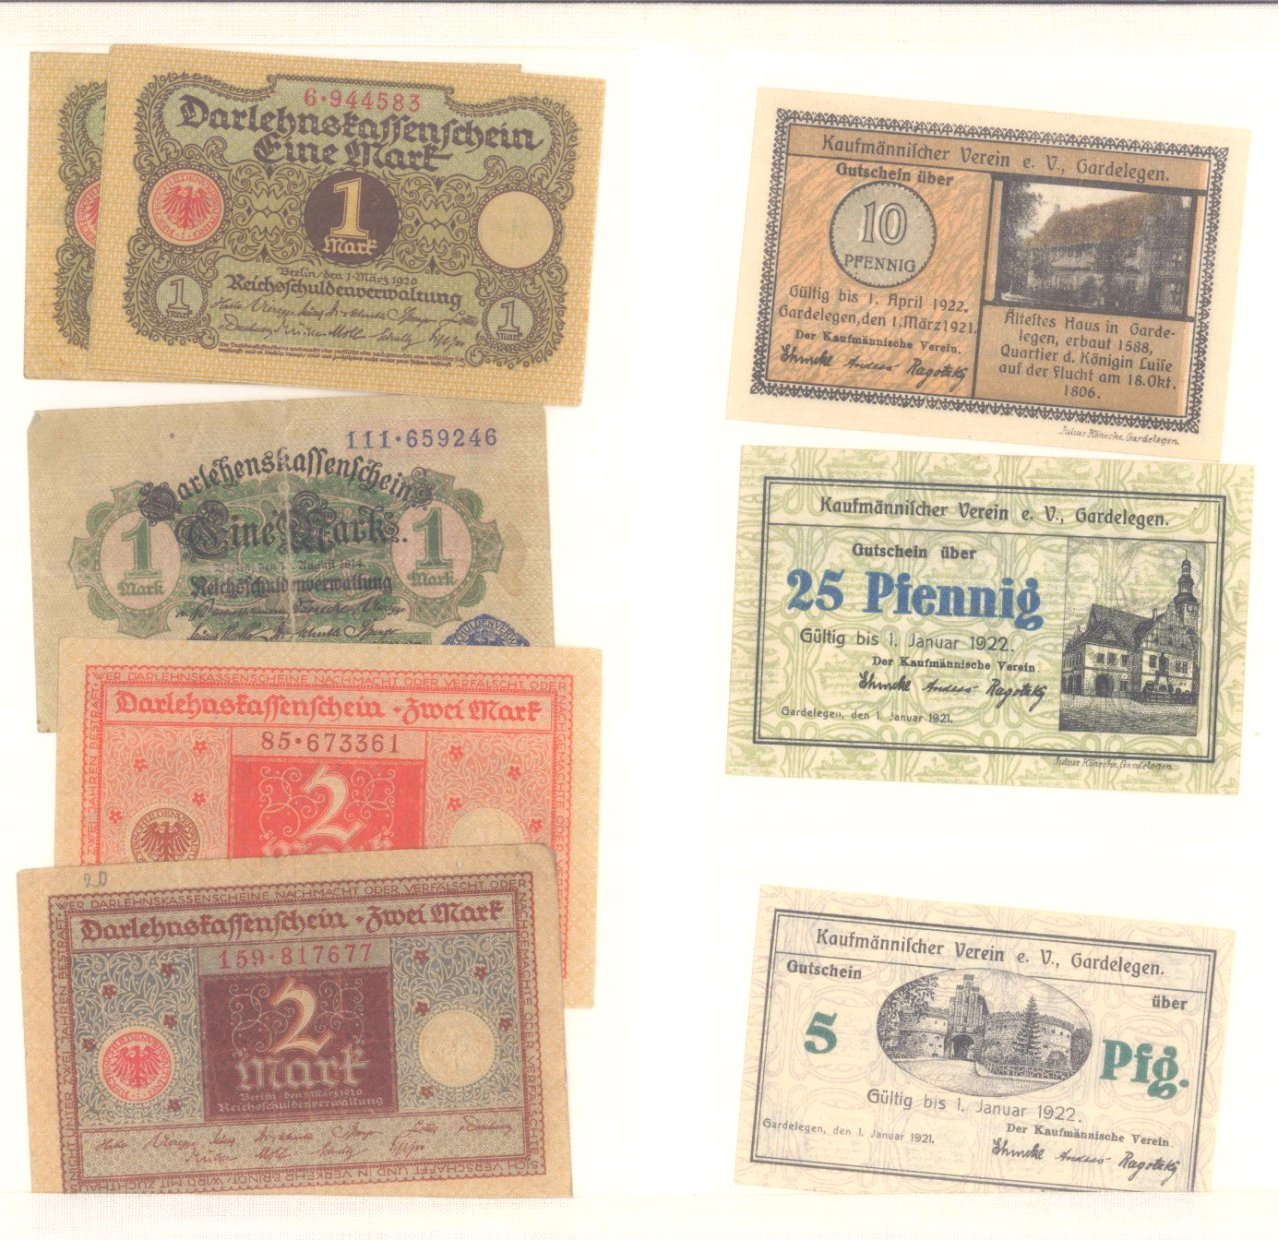 Banknoten, Notgeld, Belege